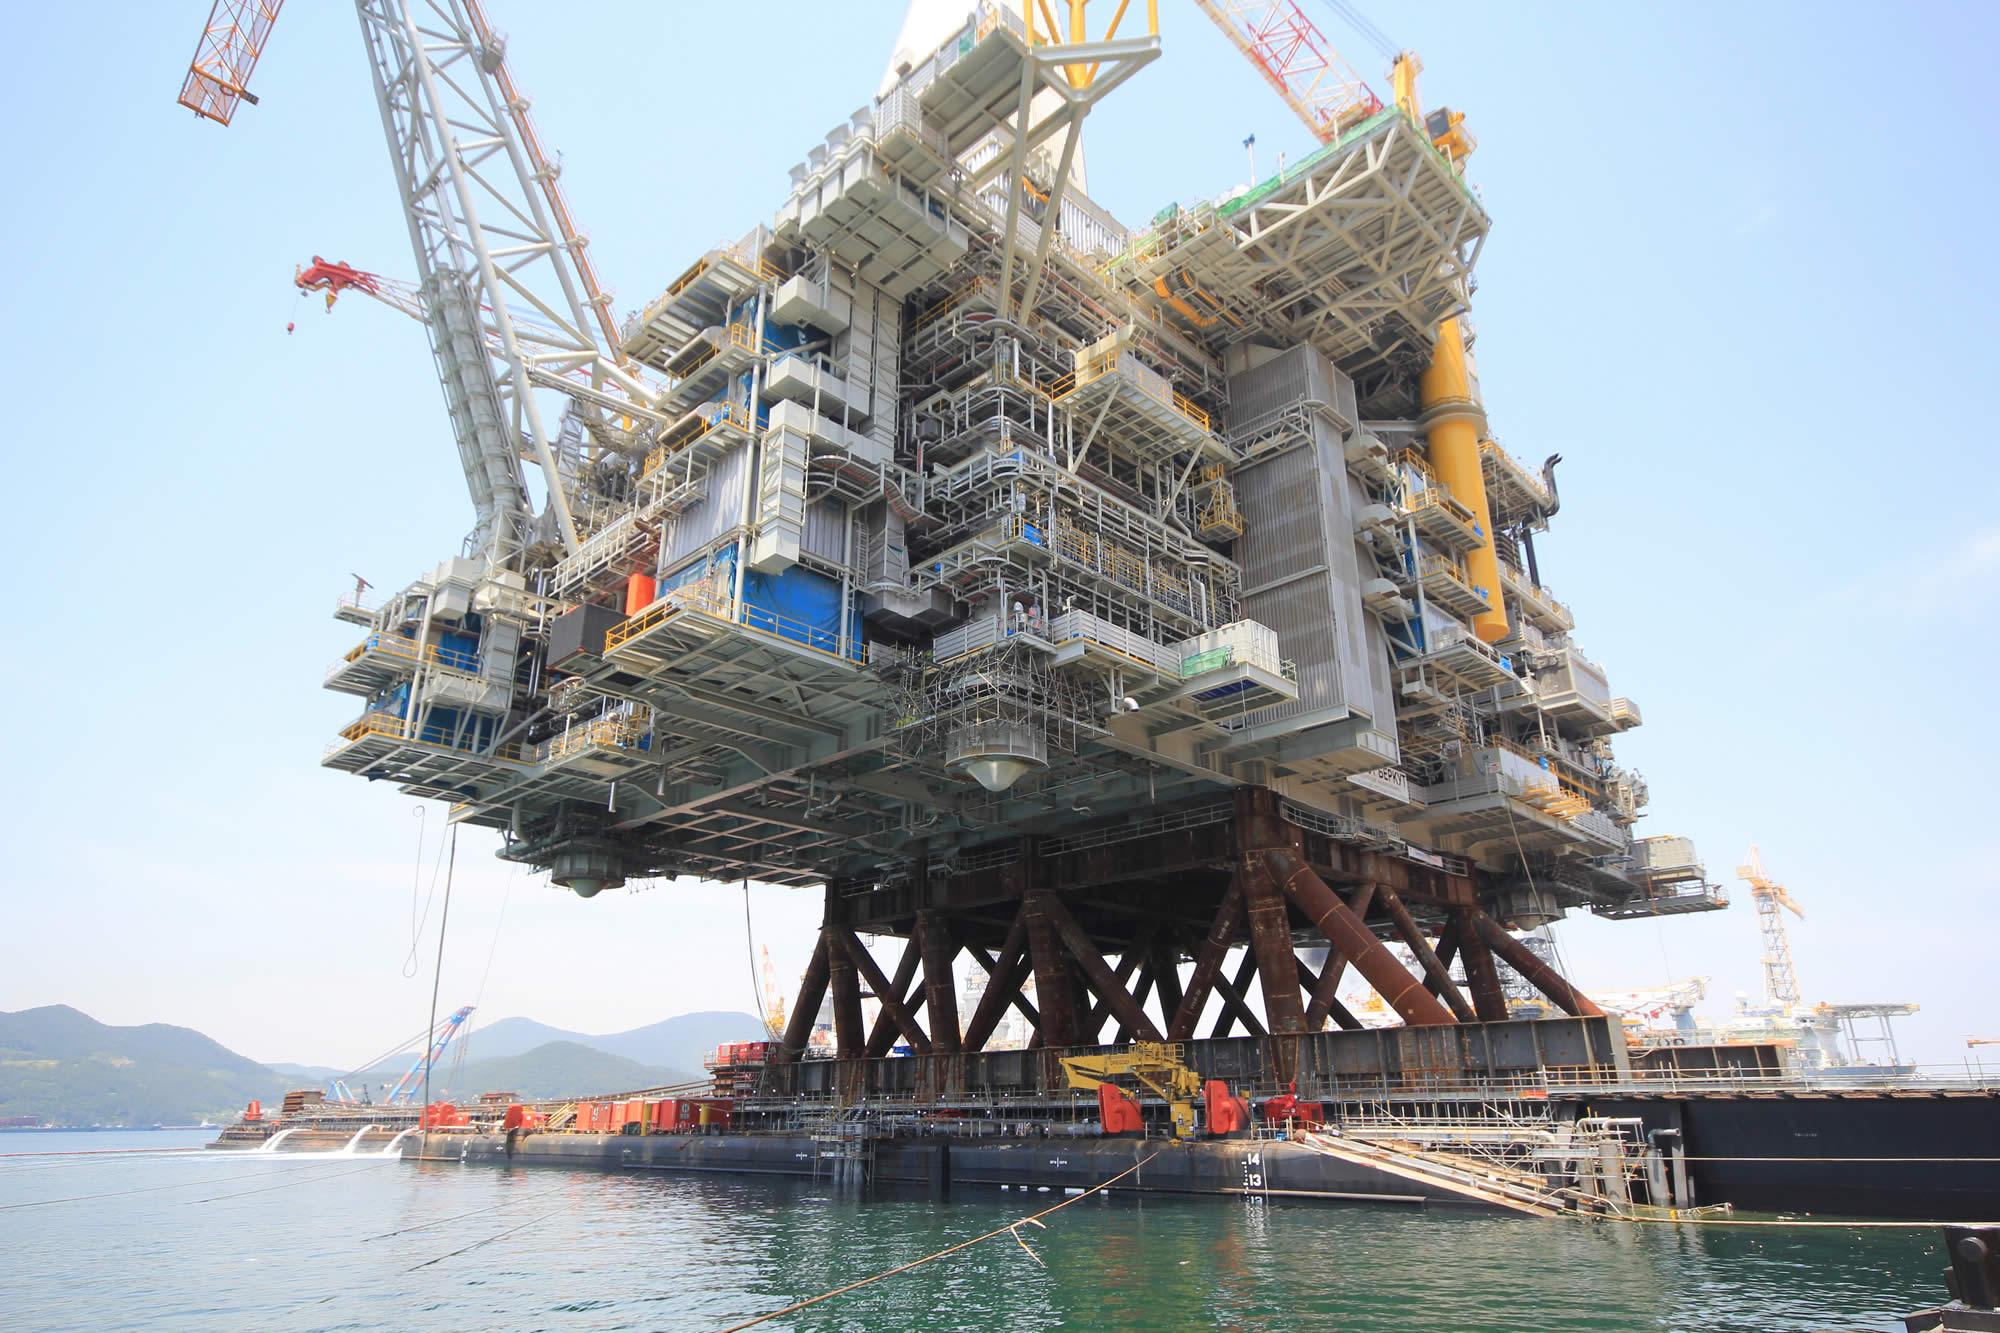 47830吨重石油钻井平台